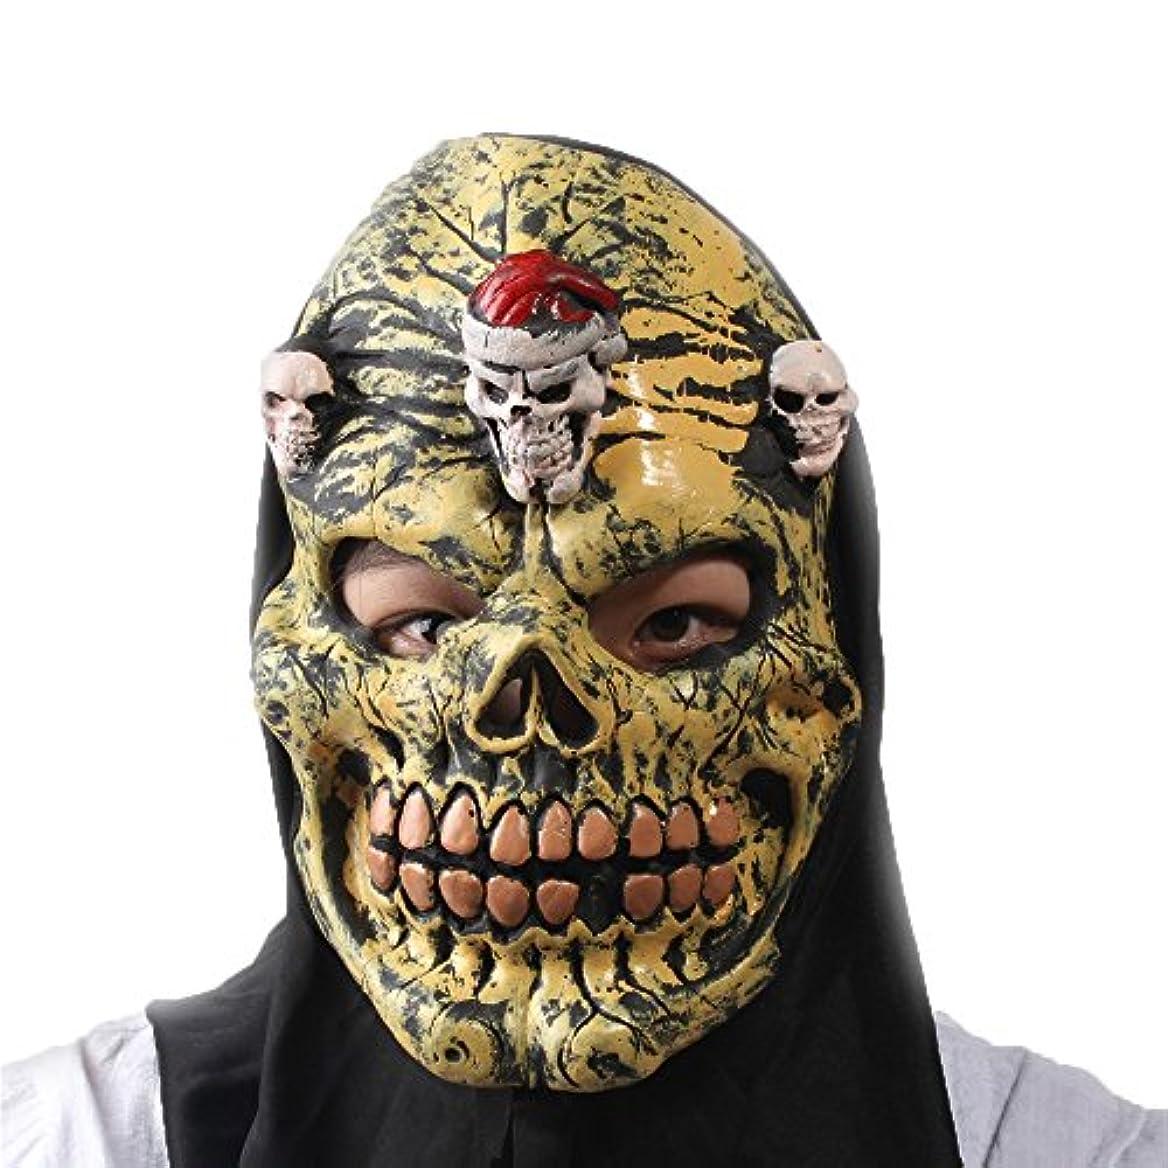 ラリーベルモント侮辱甘くするハロウィンホラーウィッチマスク呪いゴーストマスク/太郎マスク/ブルネットゾンビマスク